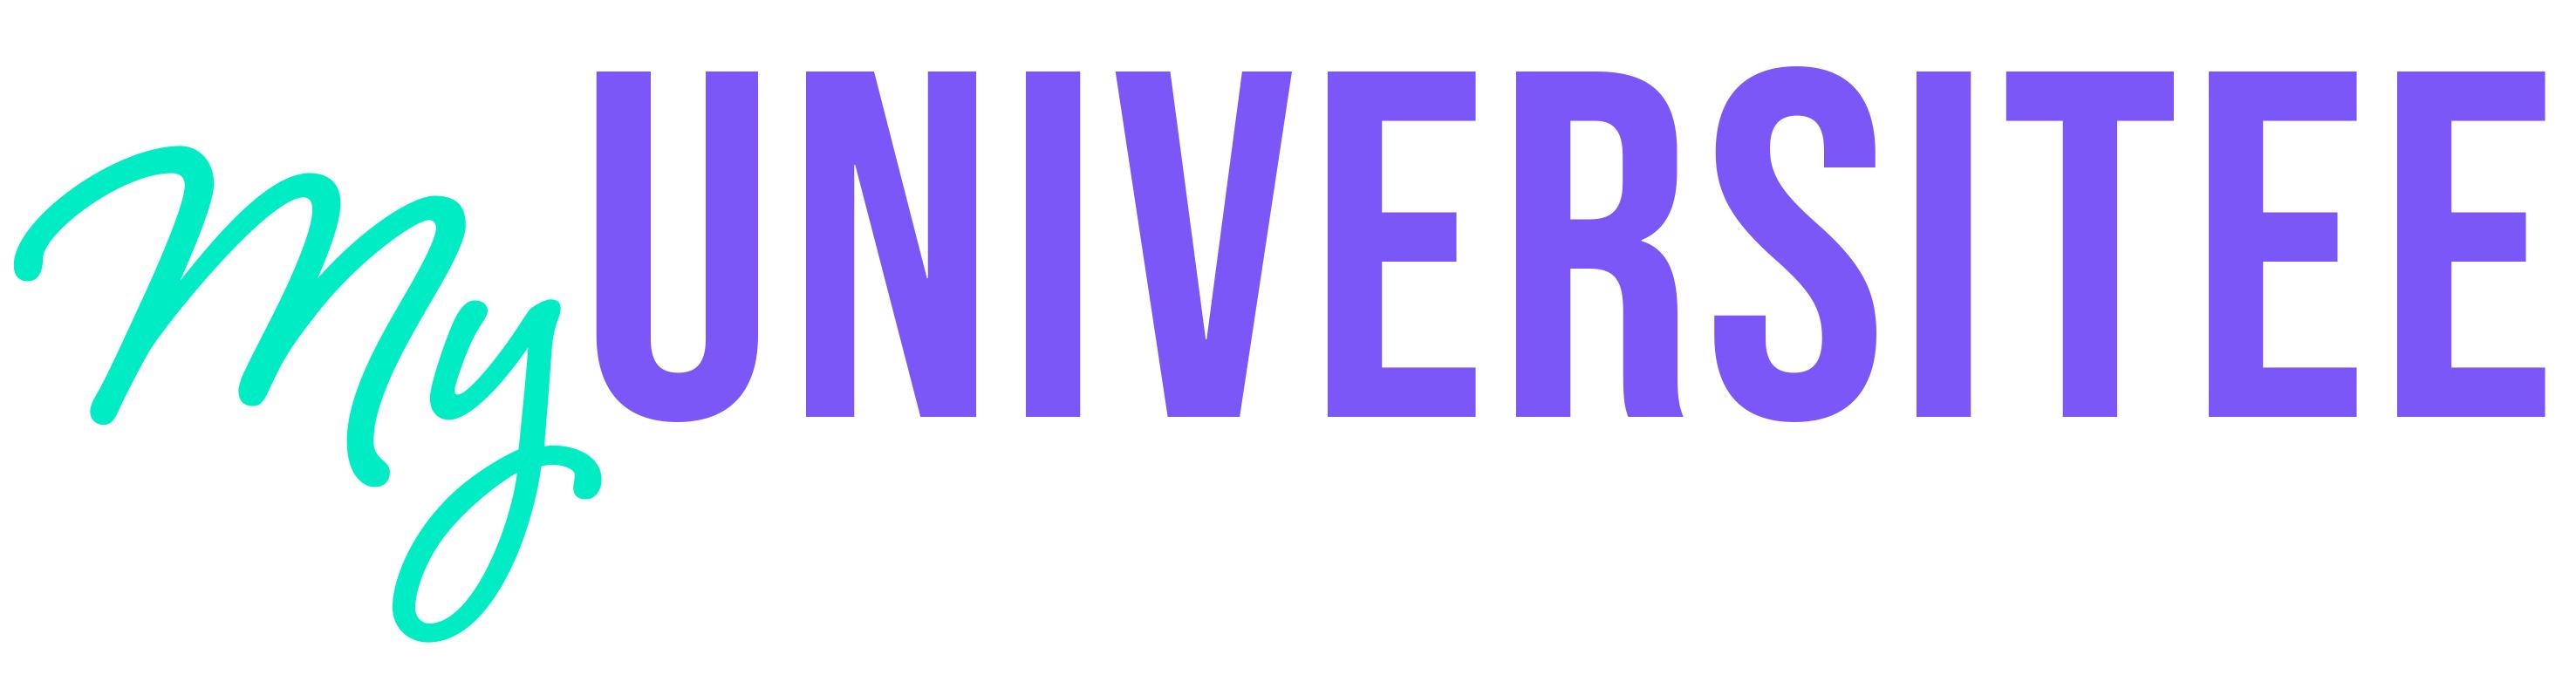 My Universitee